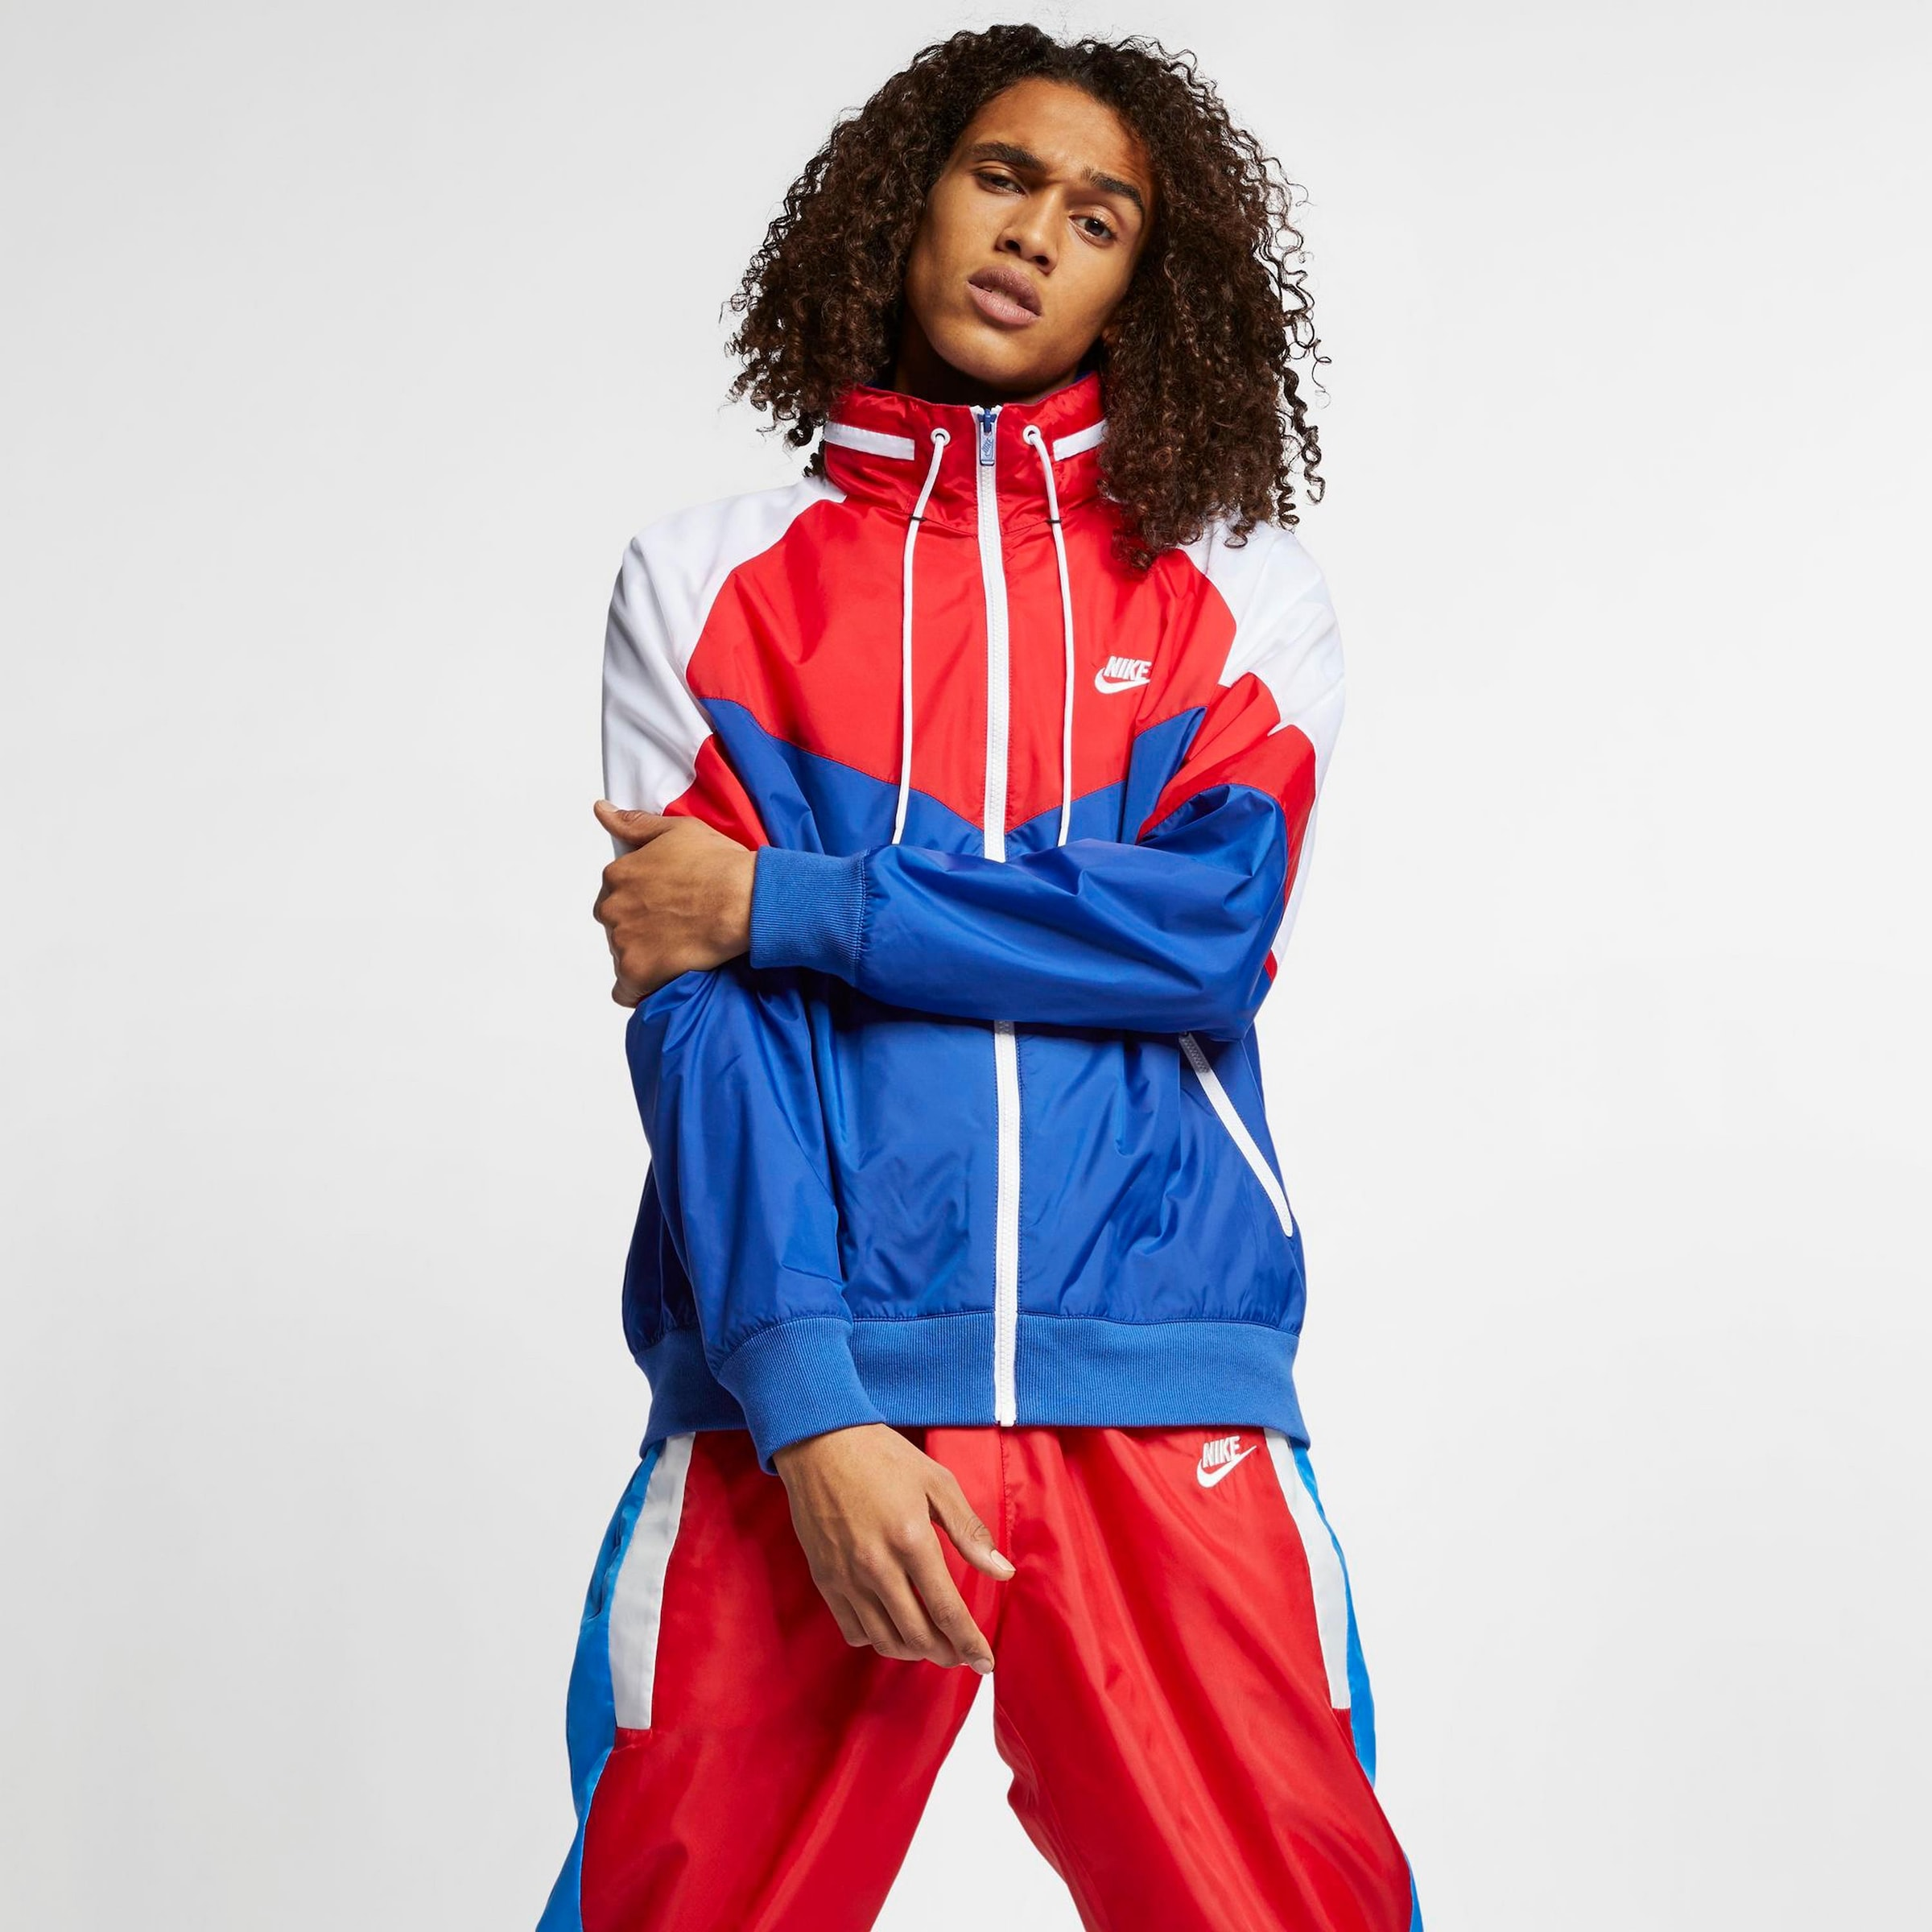 Sportswear RoyalblauCranberry Nike Windrunner Weiß In 5j3ARq4L